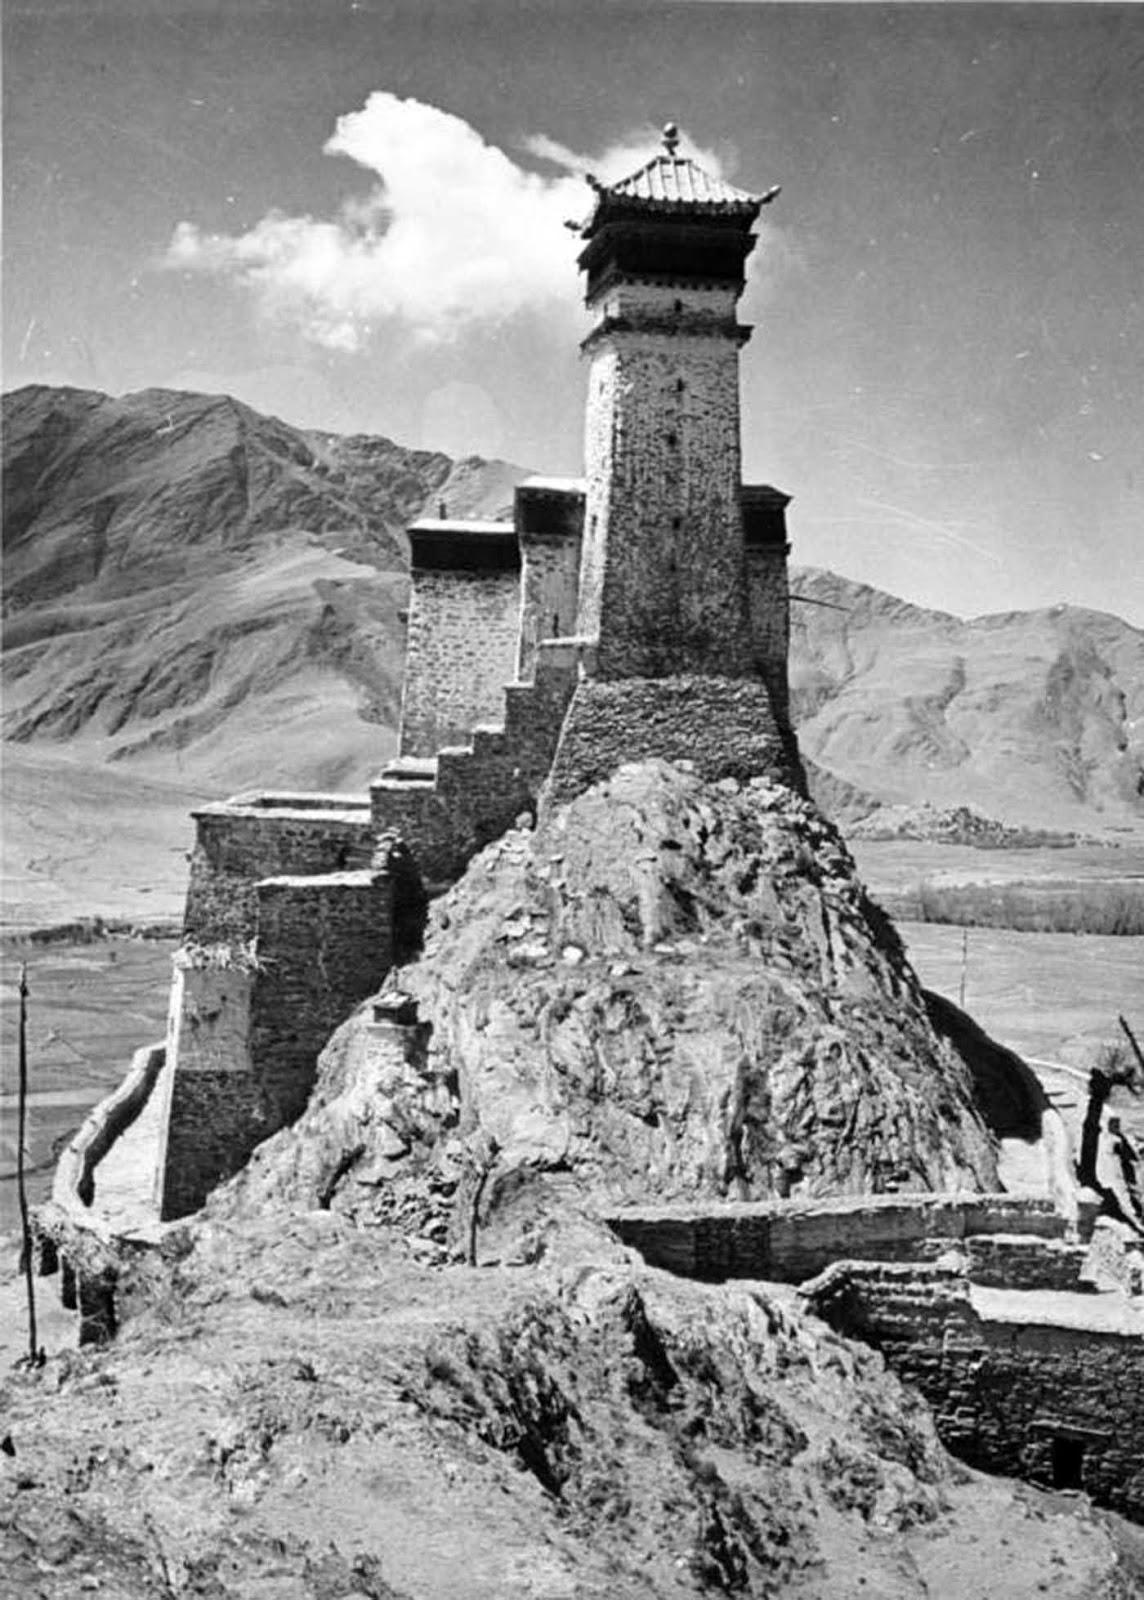 La fortaleza Yumbulagang fotografiada por Ernst Krause en 1938.